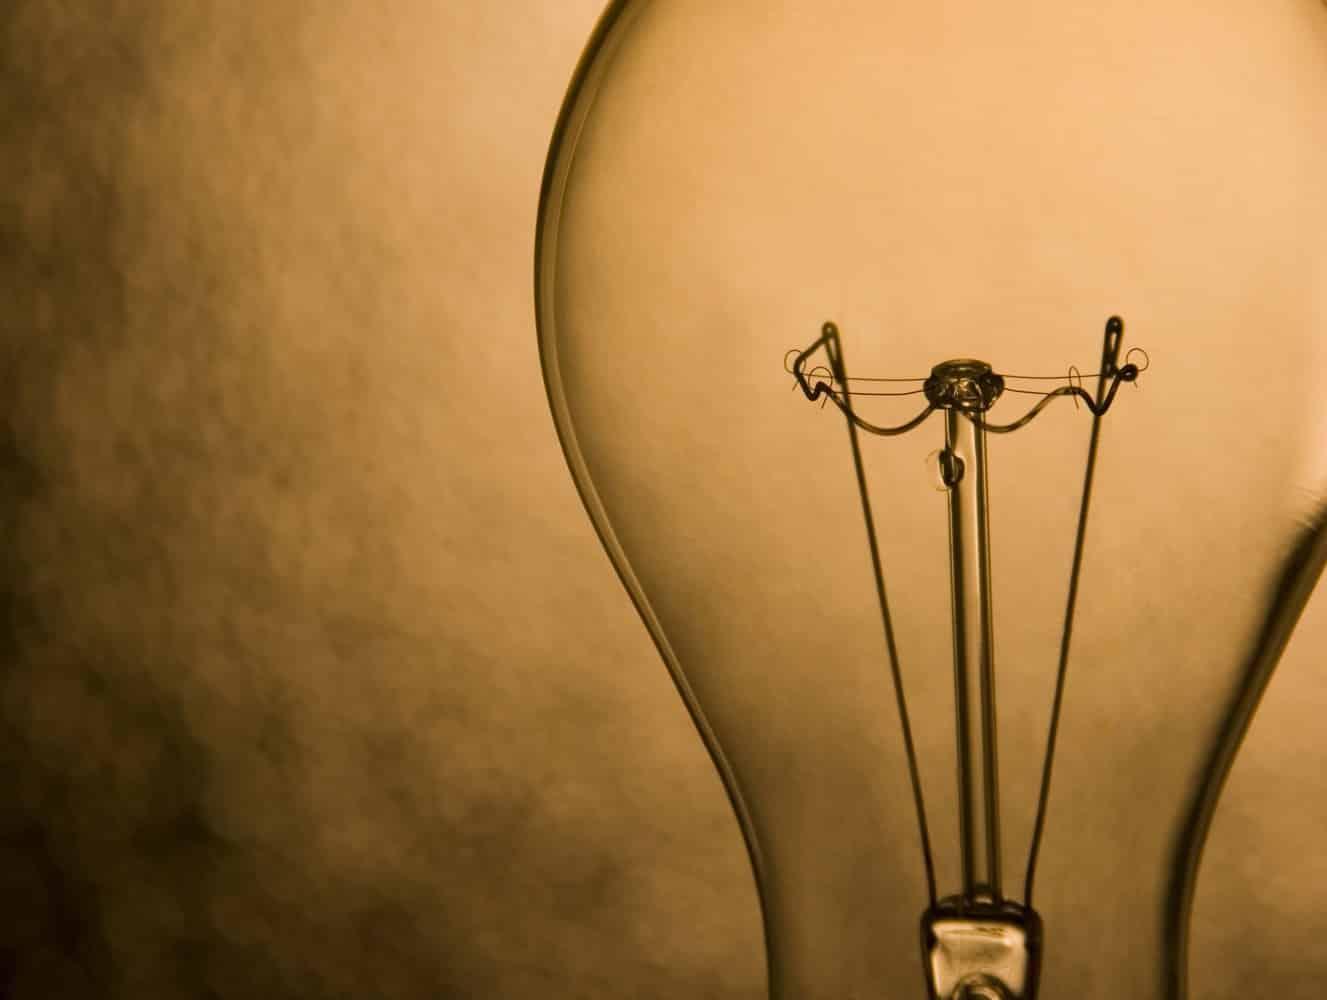 réduire sa consommation électrique